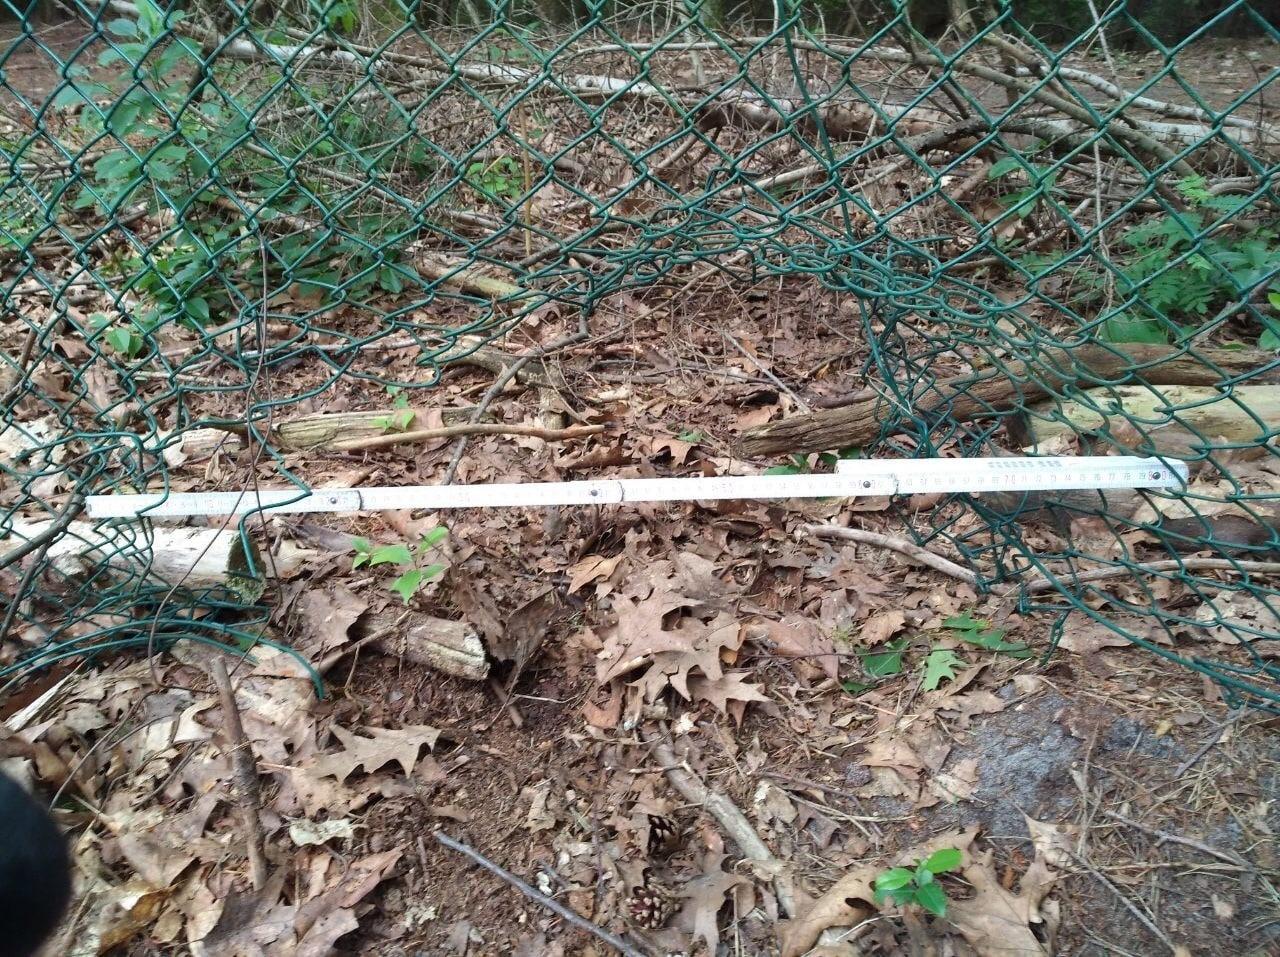 Wildschweinzaun Wildschweinschutzzaun Wildschweine zerstören Garten - wir können helfen